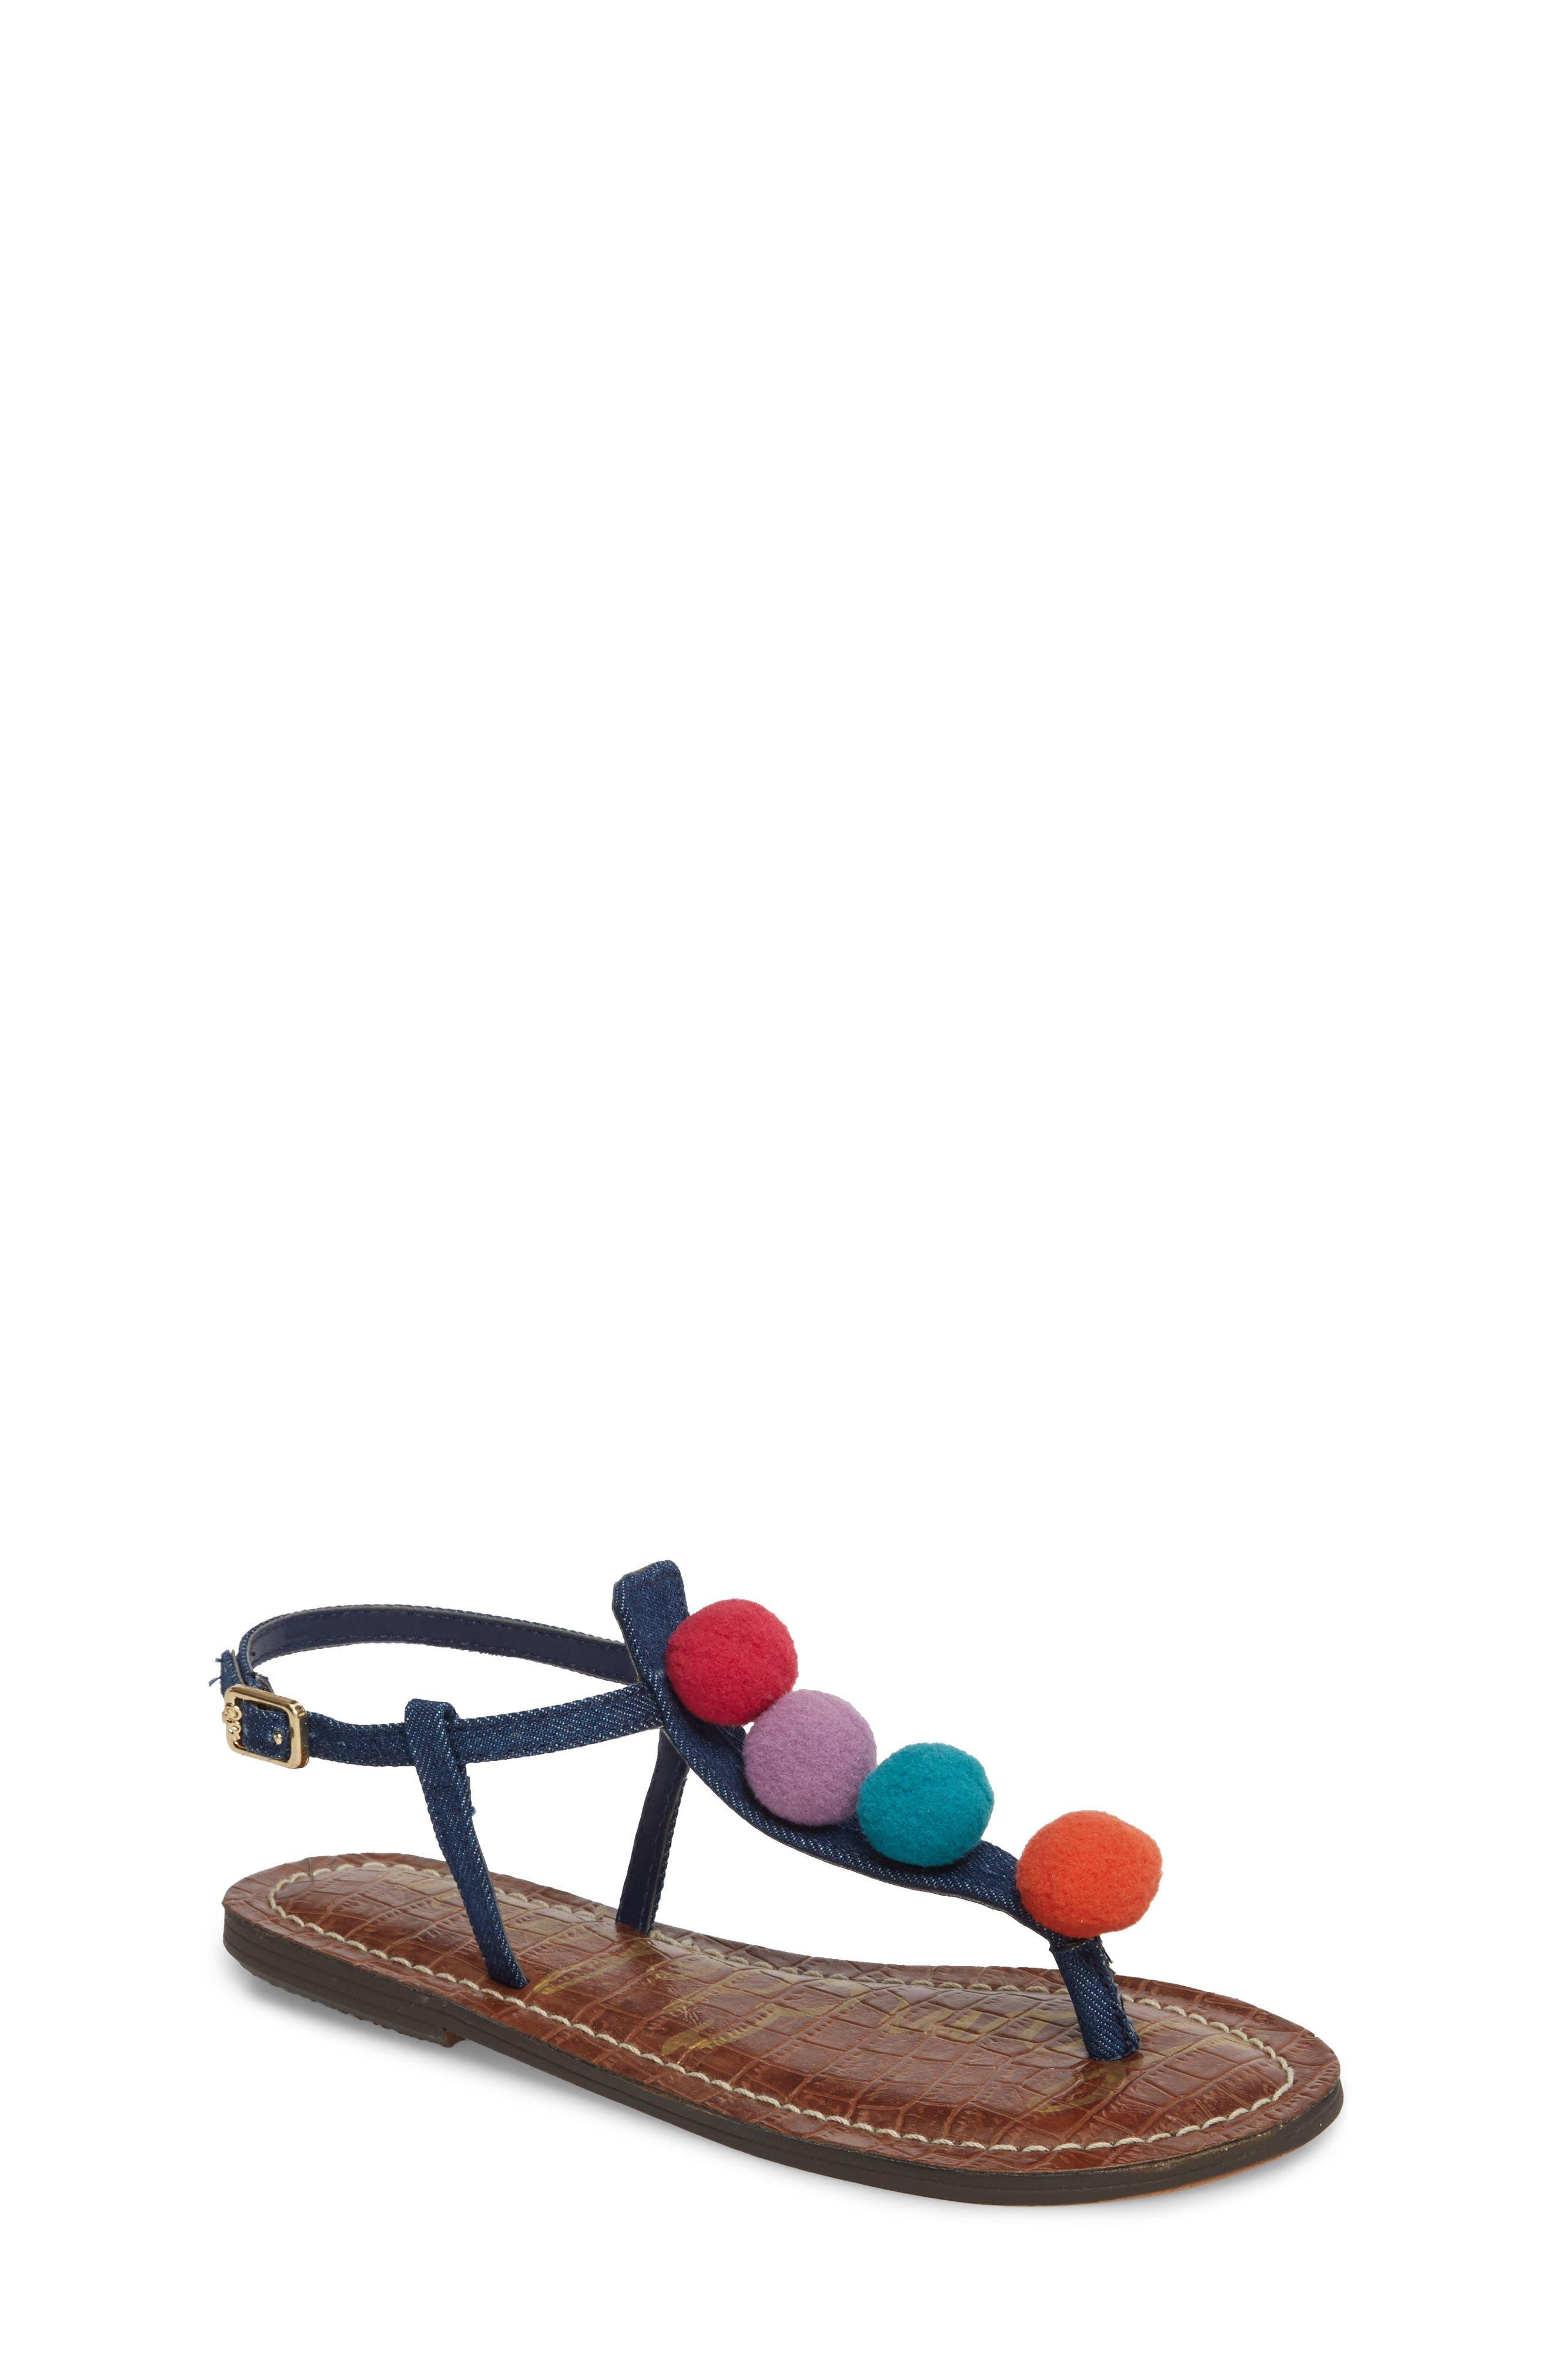 Gigi Gabe Sandal,                         Main,                         color, Denim Fabric